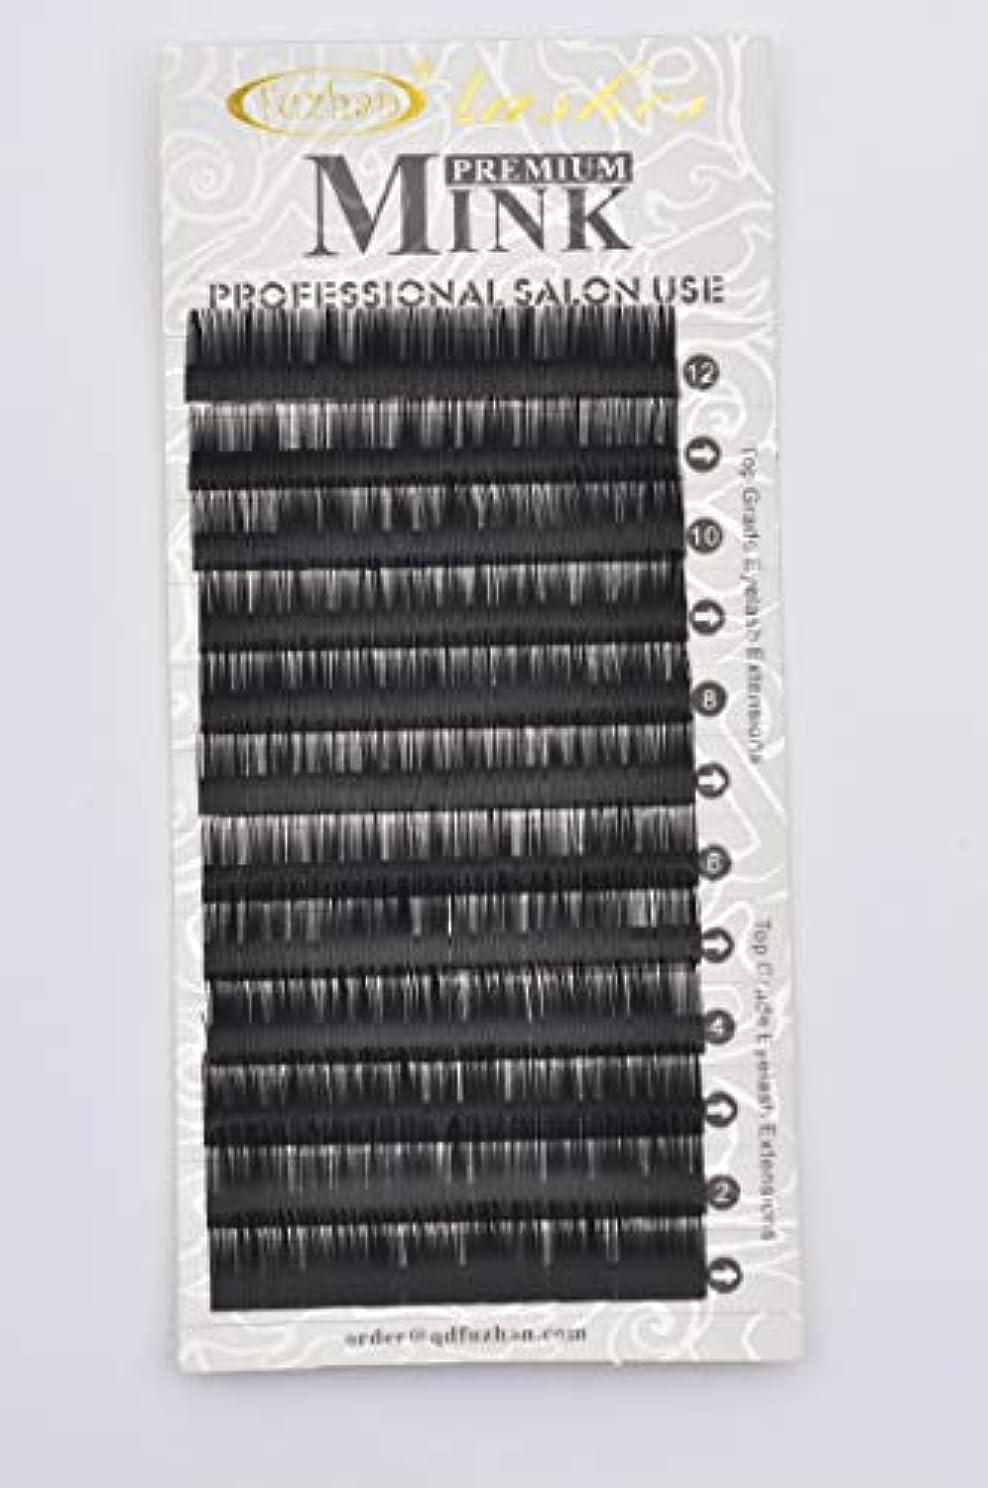 ロッカー検索曖昧なまつげエクステ 太さ0.07mm(カール長さ指定) 高級ミンクまつげ 12列シートタイプ ケース入り (0.07 15mm D)